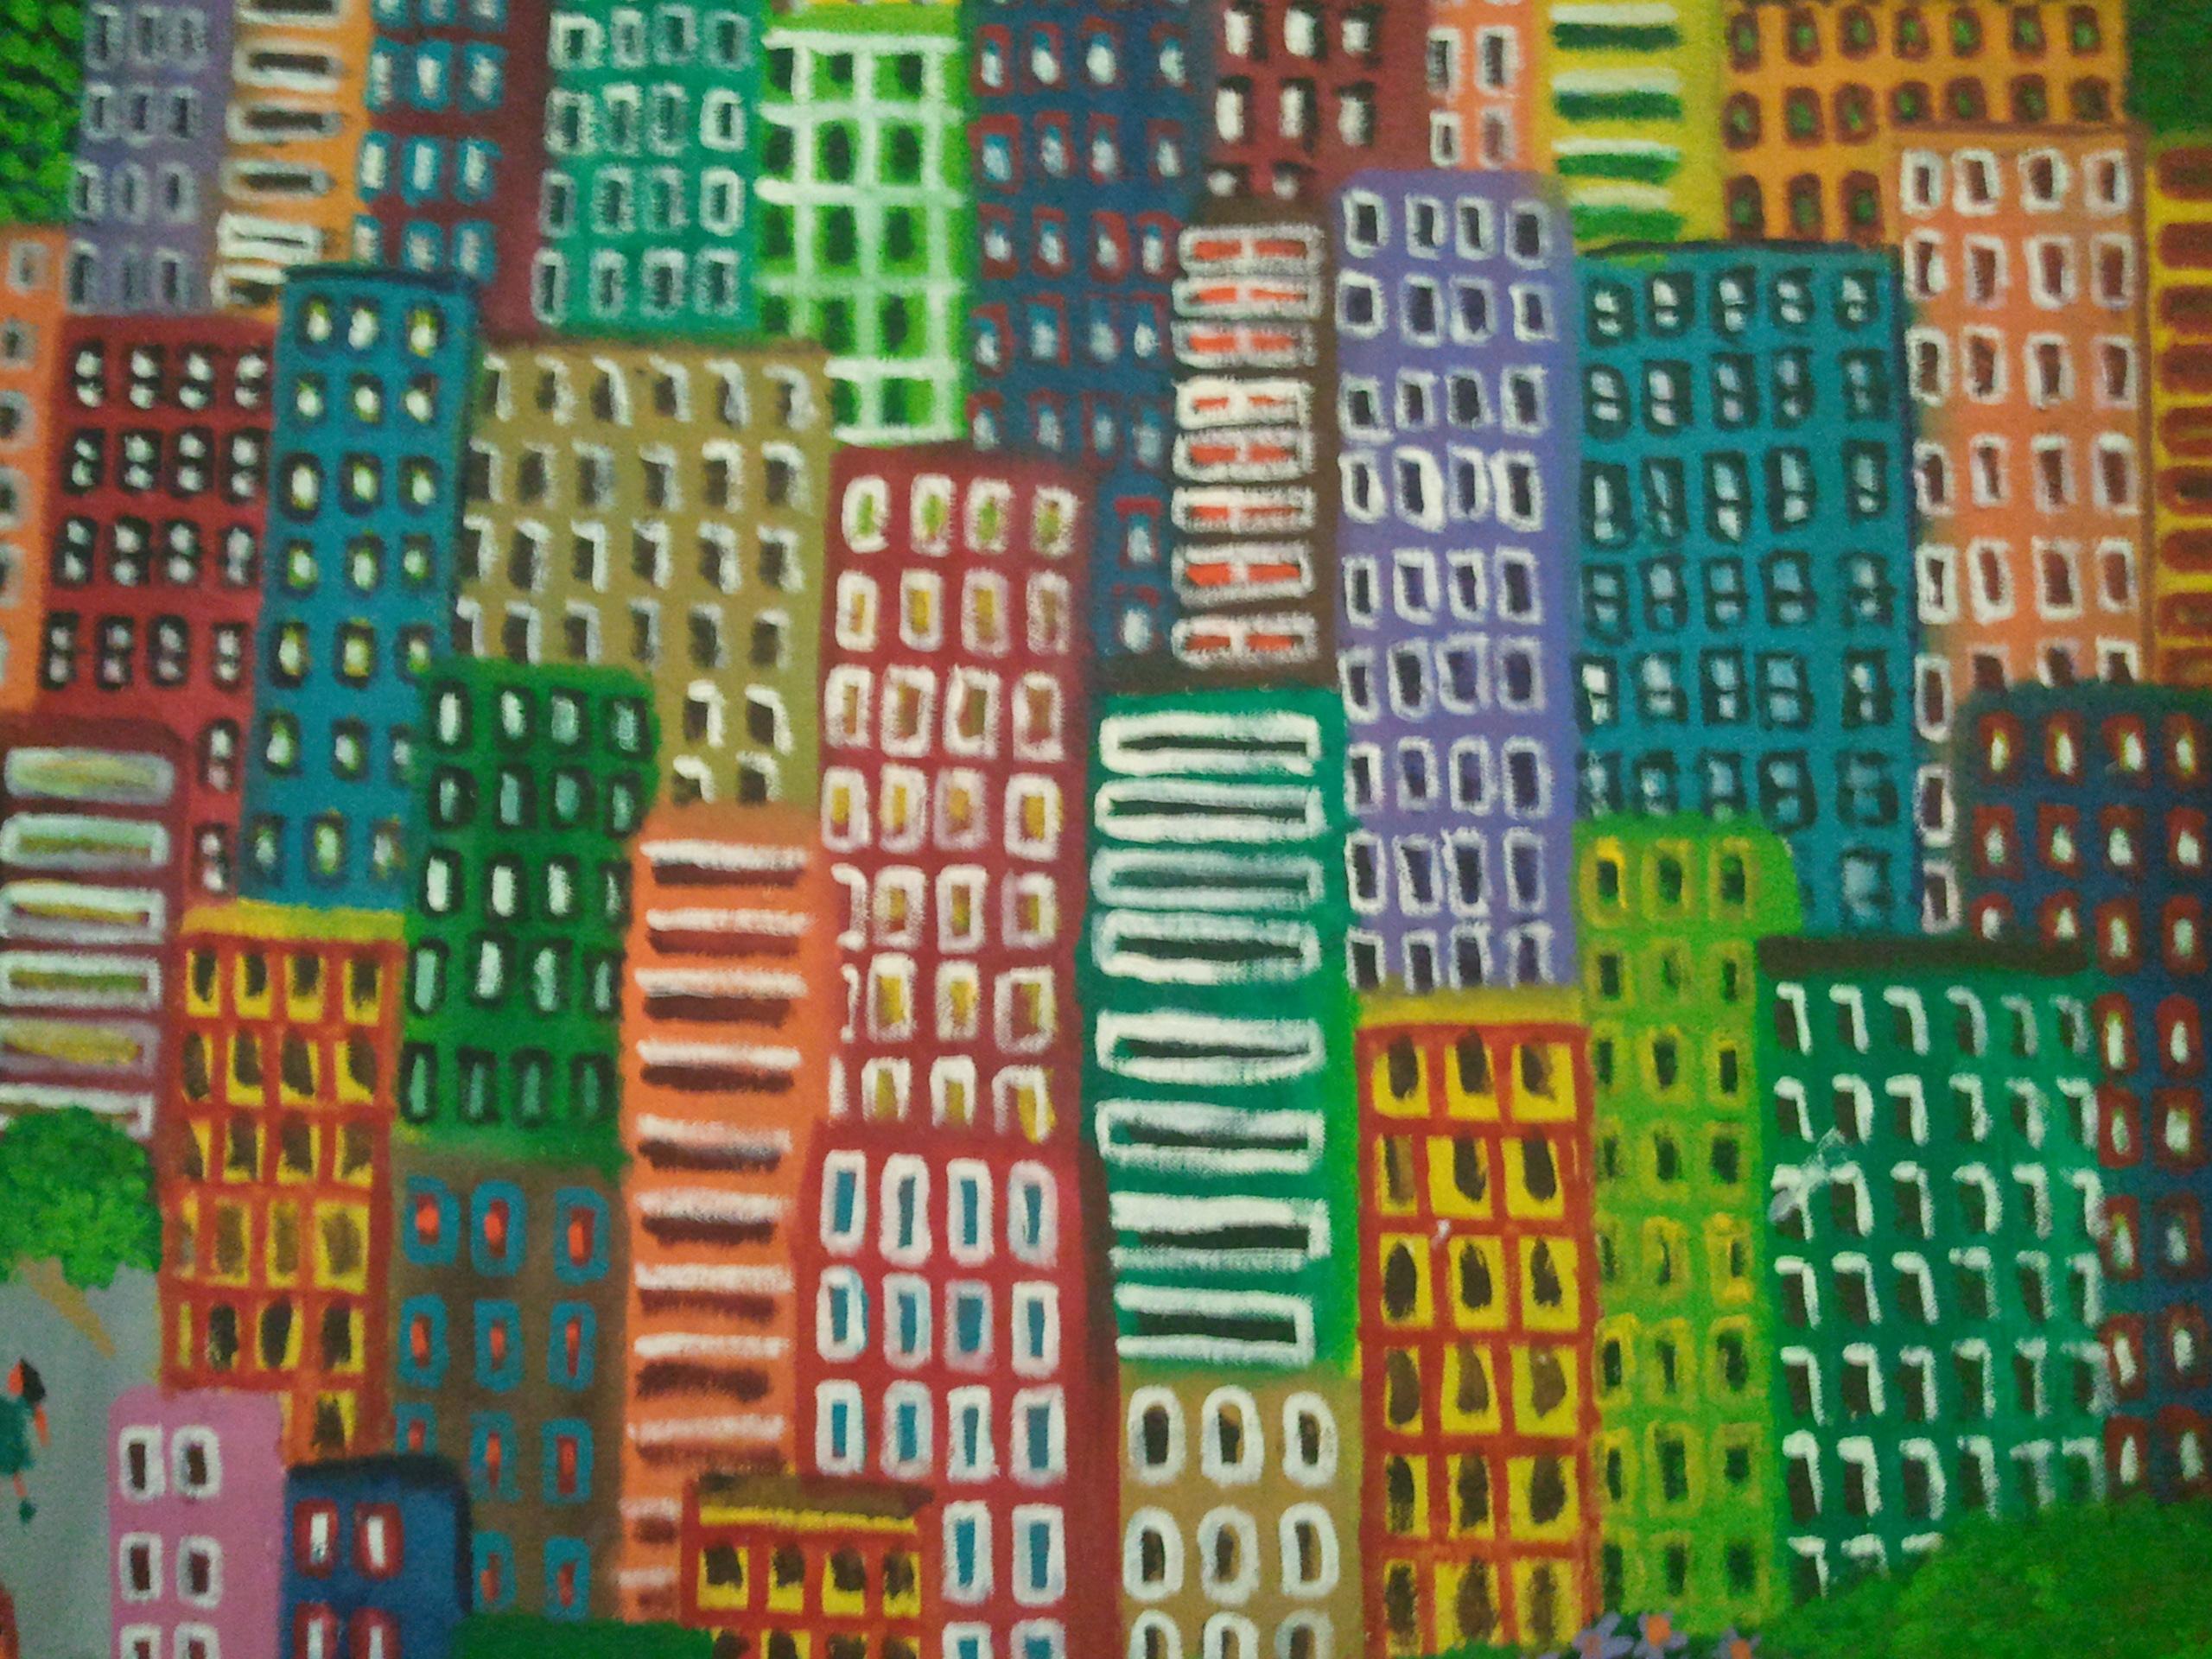 Arte Naif do Brasil in Rio